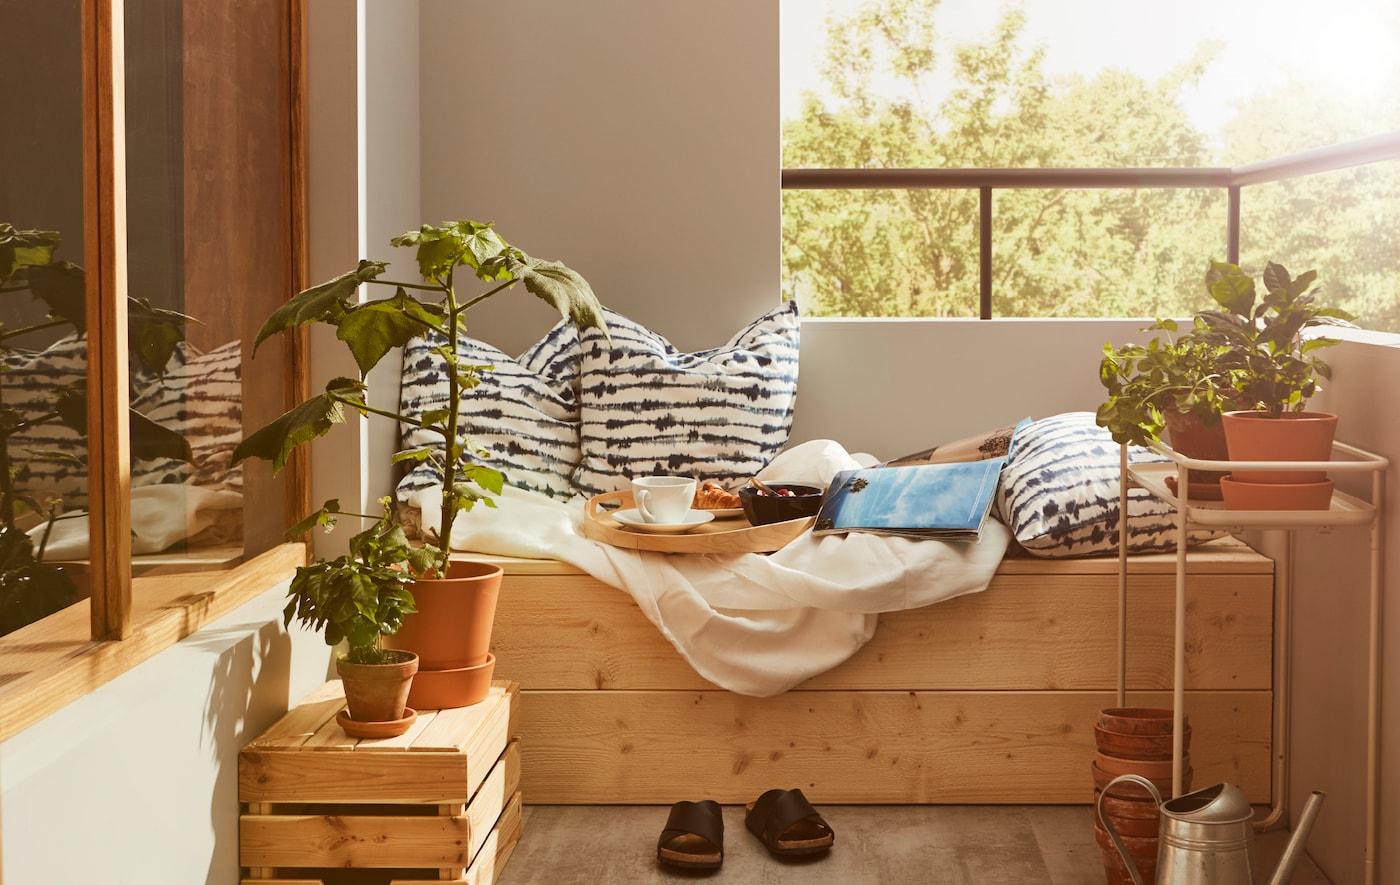 Balkonhoek met verhoogd houten platform met daarop kussens, bedlinnen en een dienblad met een bescheiden ontbijt.